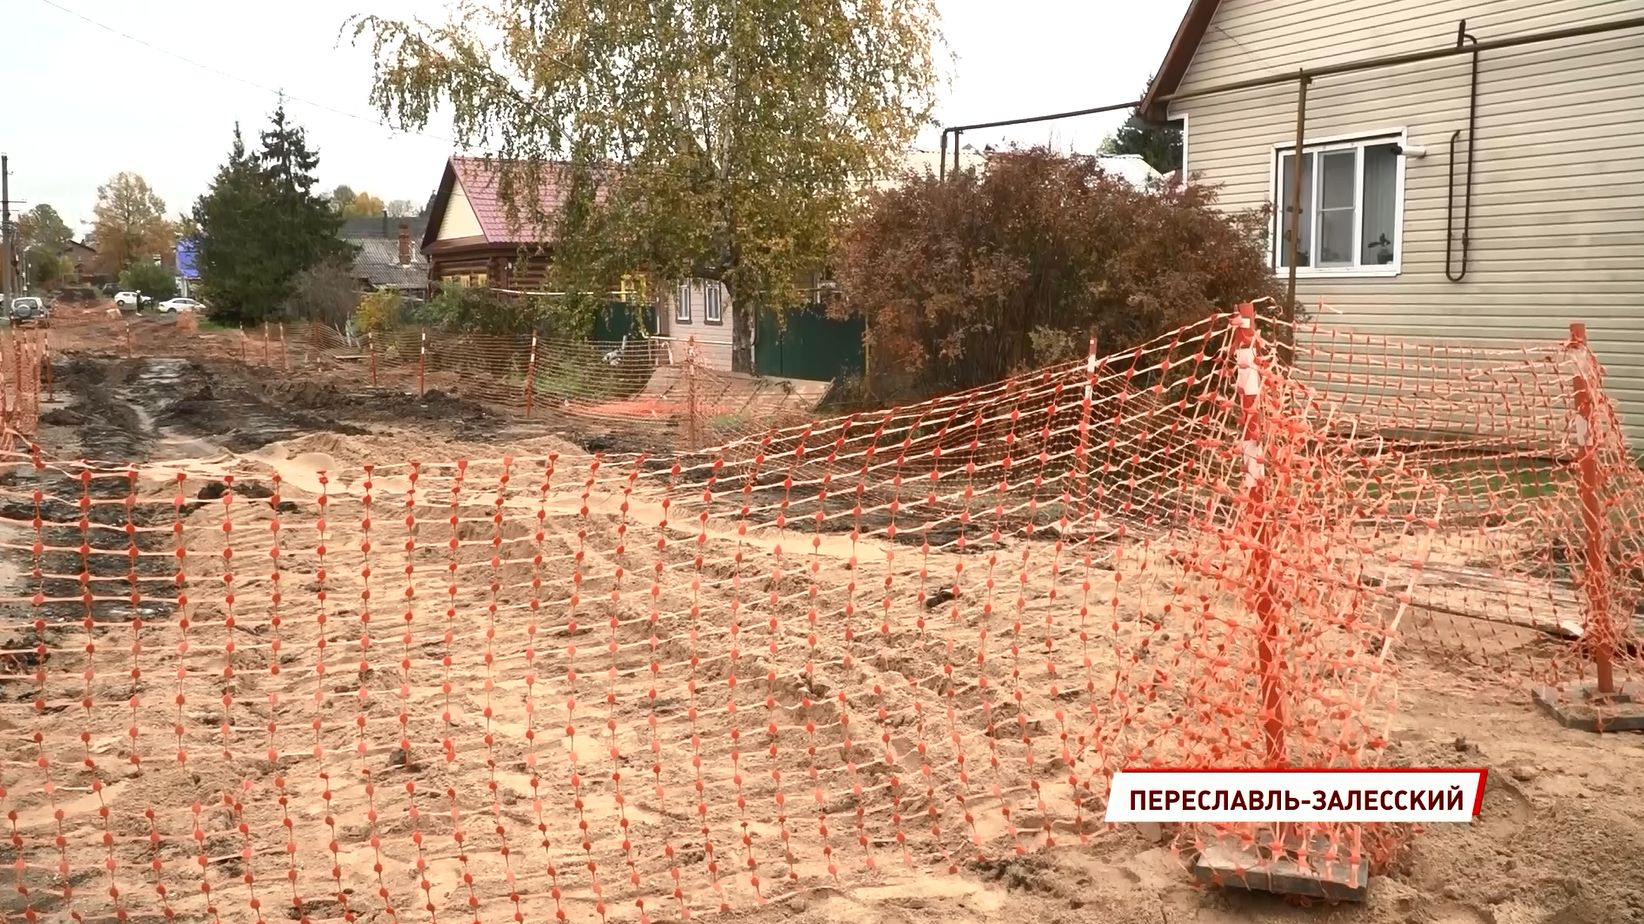 Губернатор Ярославской области Дмитрий Миронов поручил срочно отремонтировать дороги в Переславле-Залесском